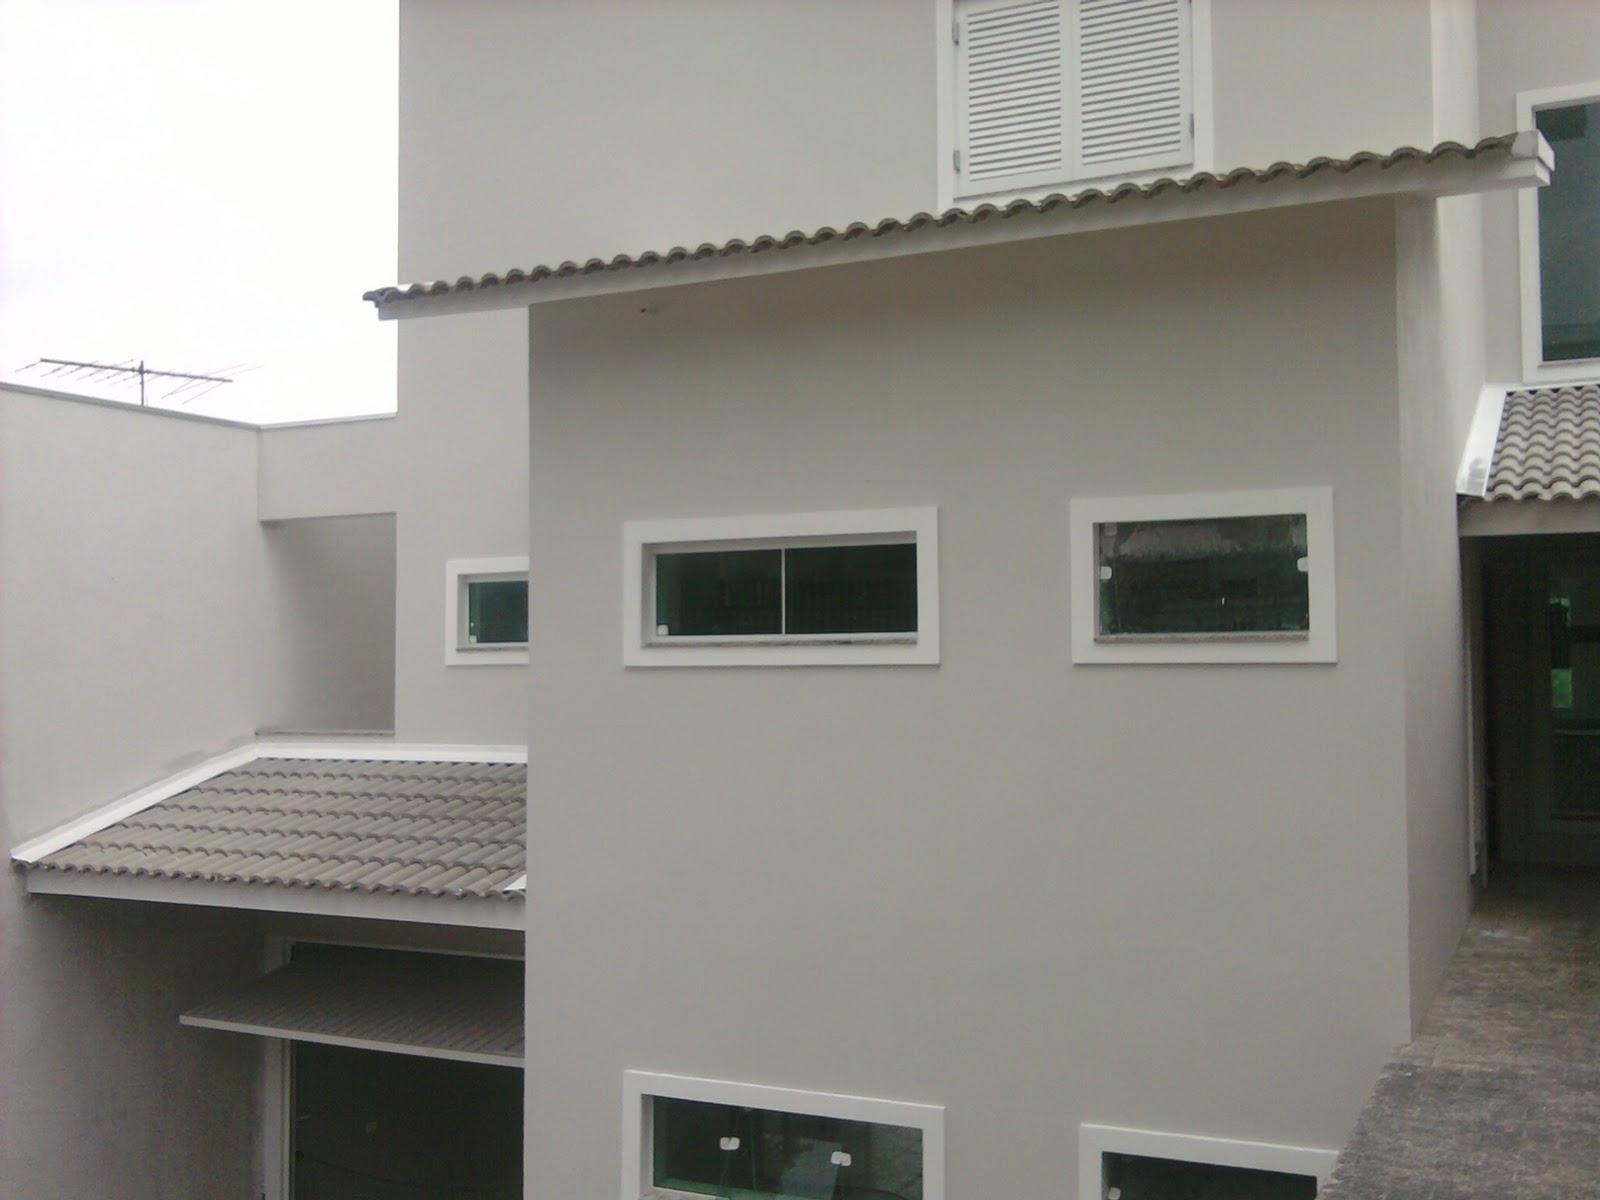 #615B4D Nasce uma casa ***** O dia a dia de uma construção: Olhando para  610 Janelas En Vidros